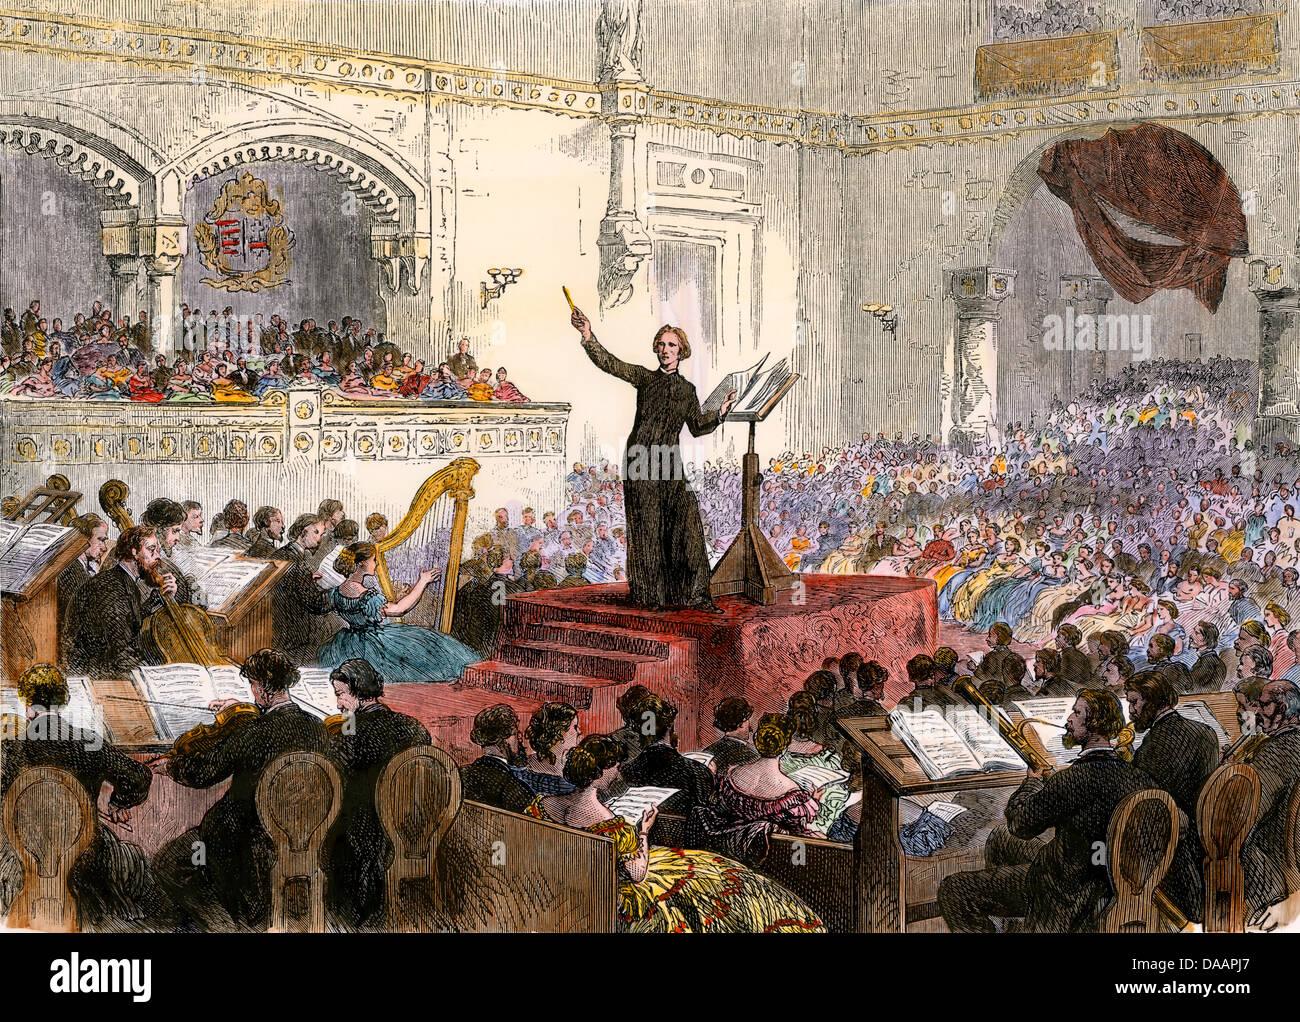 Franzi Liszt Durchführung seines neuen Oratoriums in Budapest, Ungarn, der 1860er Jahre. Stockbild